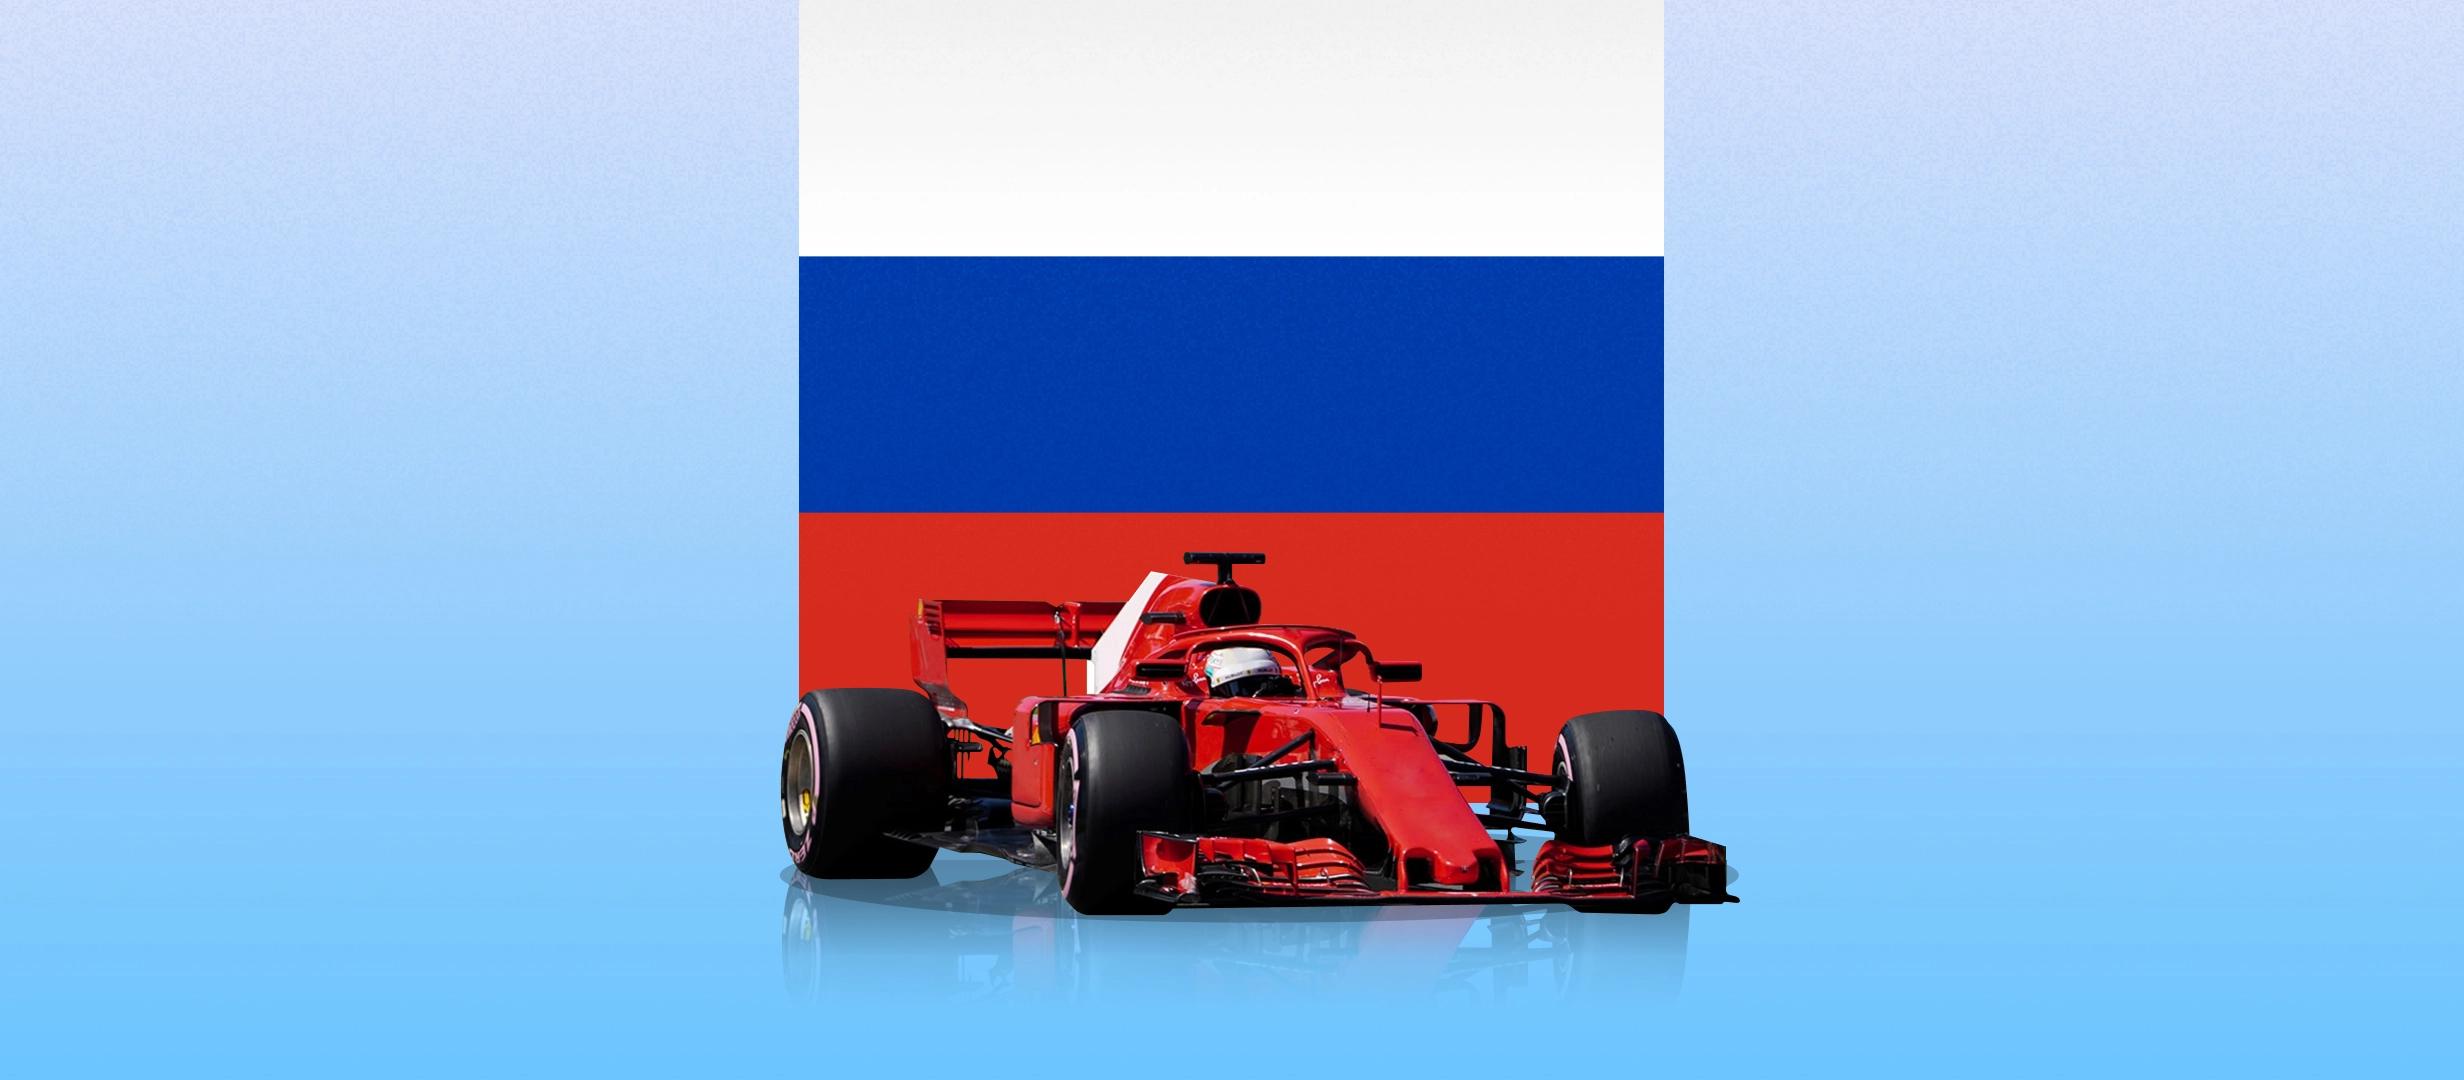 Gran Premio de Rusia 2021: pronóstico y apuestas de la etapa de F1